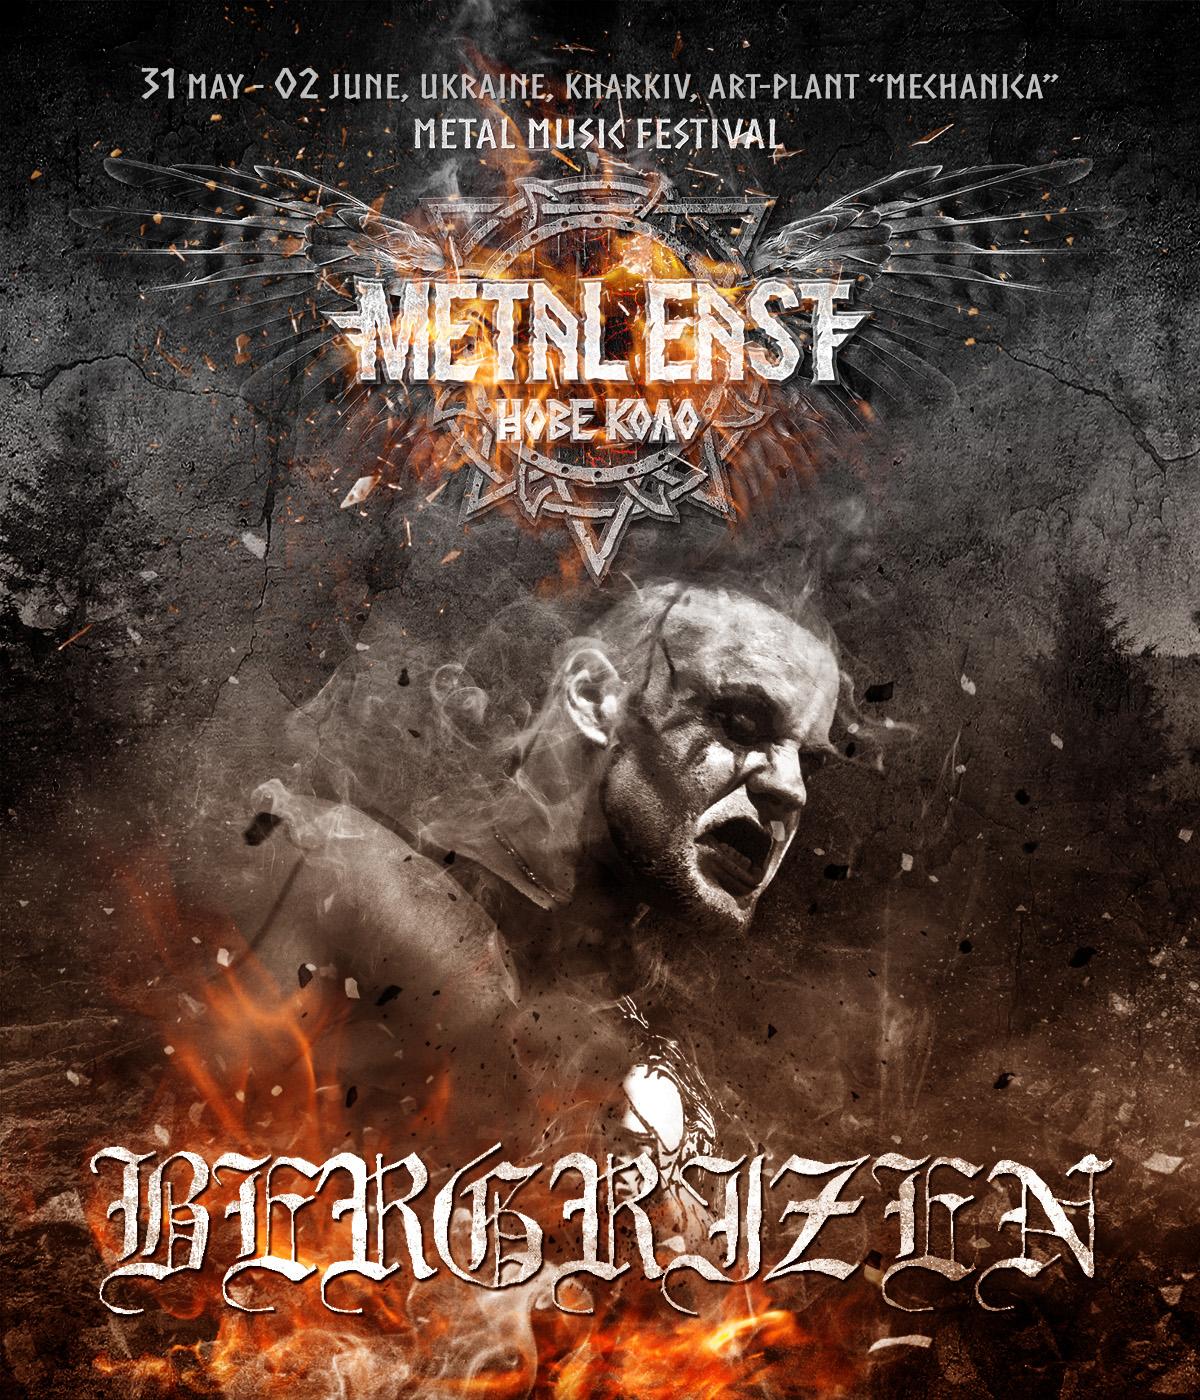 Ми раді оголосити виступ BERGRIZEN на фестивалі Metal East Нове